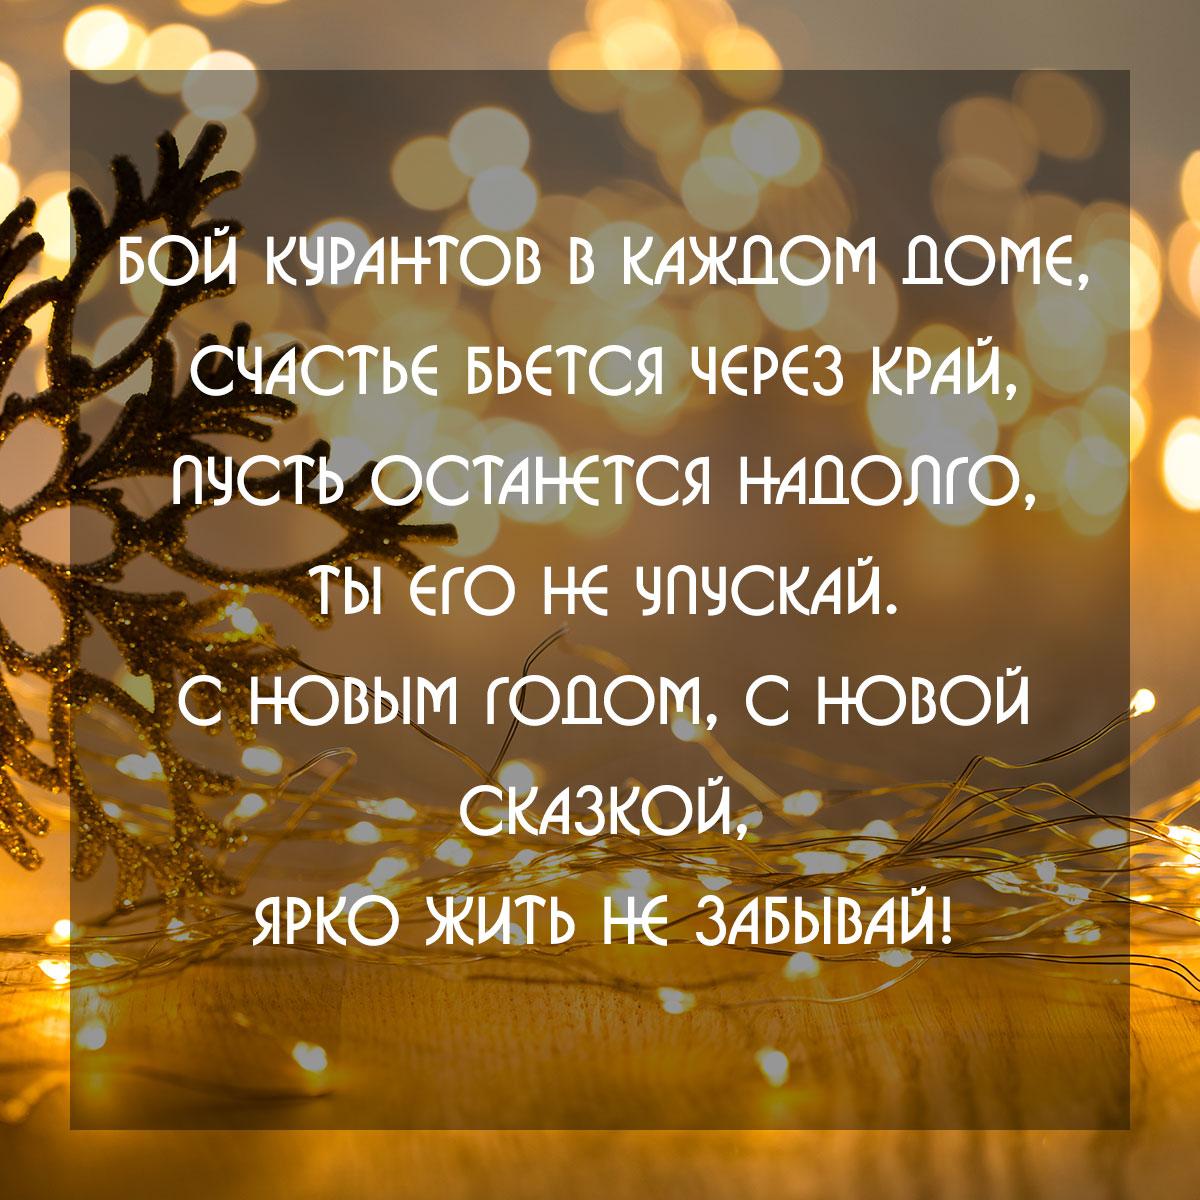 Текст поздравления на желтом фоне с еловыми ветками и светящимися бликами.